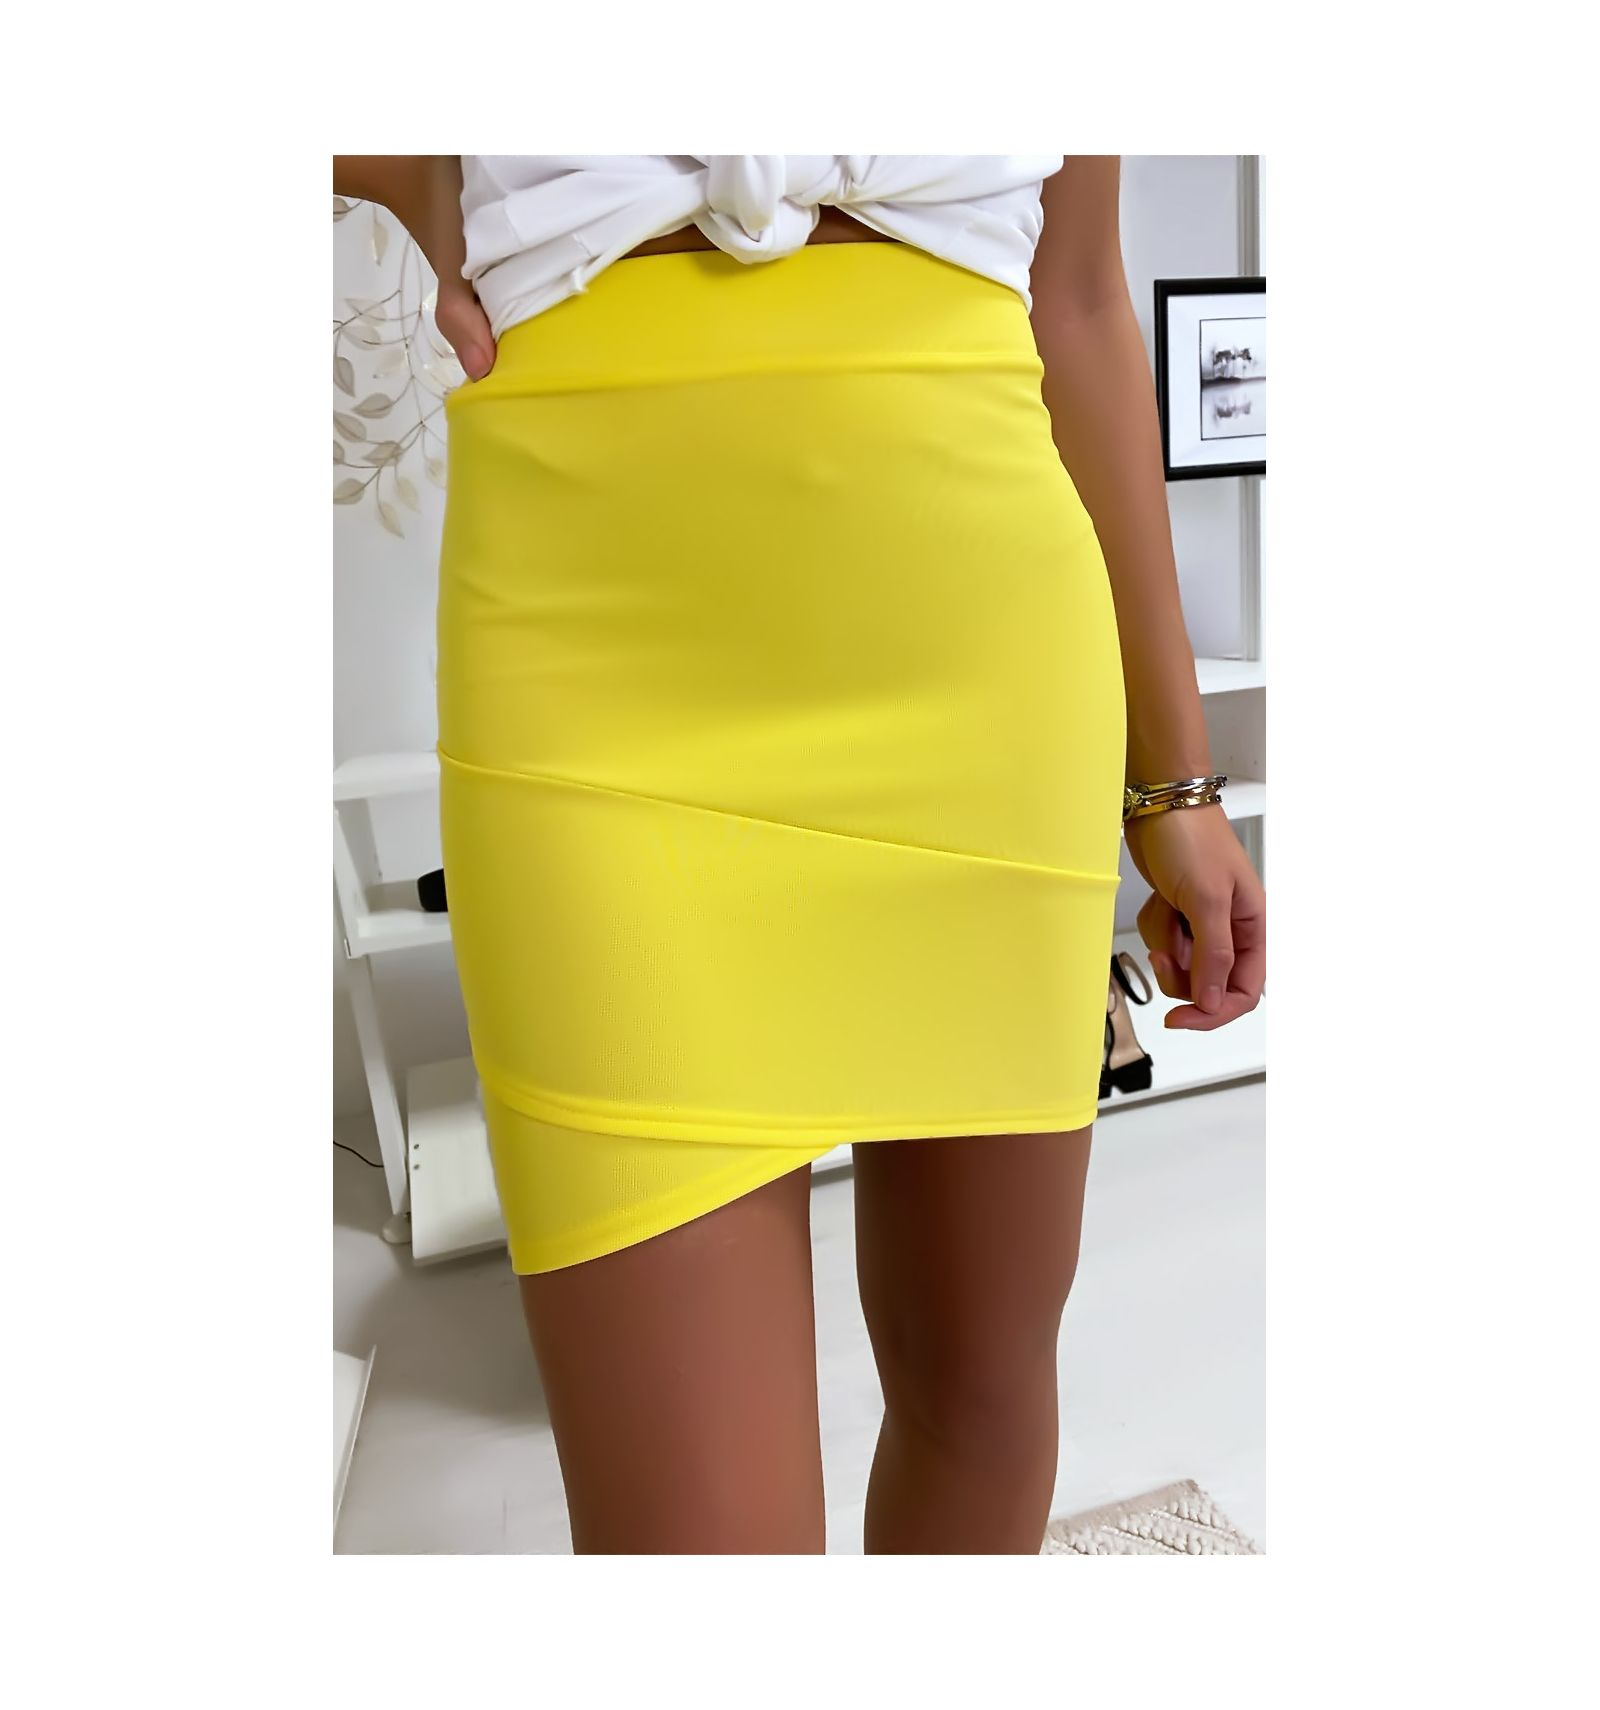 Comment choisir ? Quelles jupes (courtes, longues ou mini-jupes) porter quand on a du ventre ?